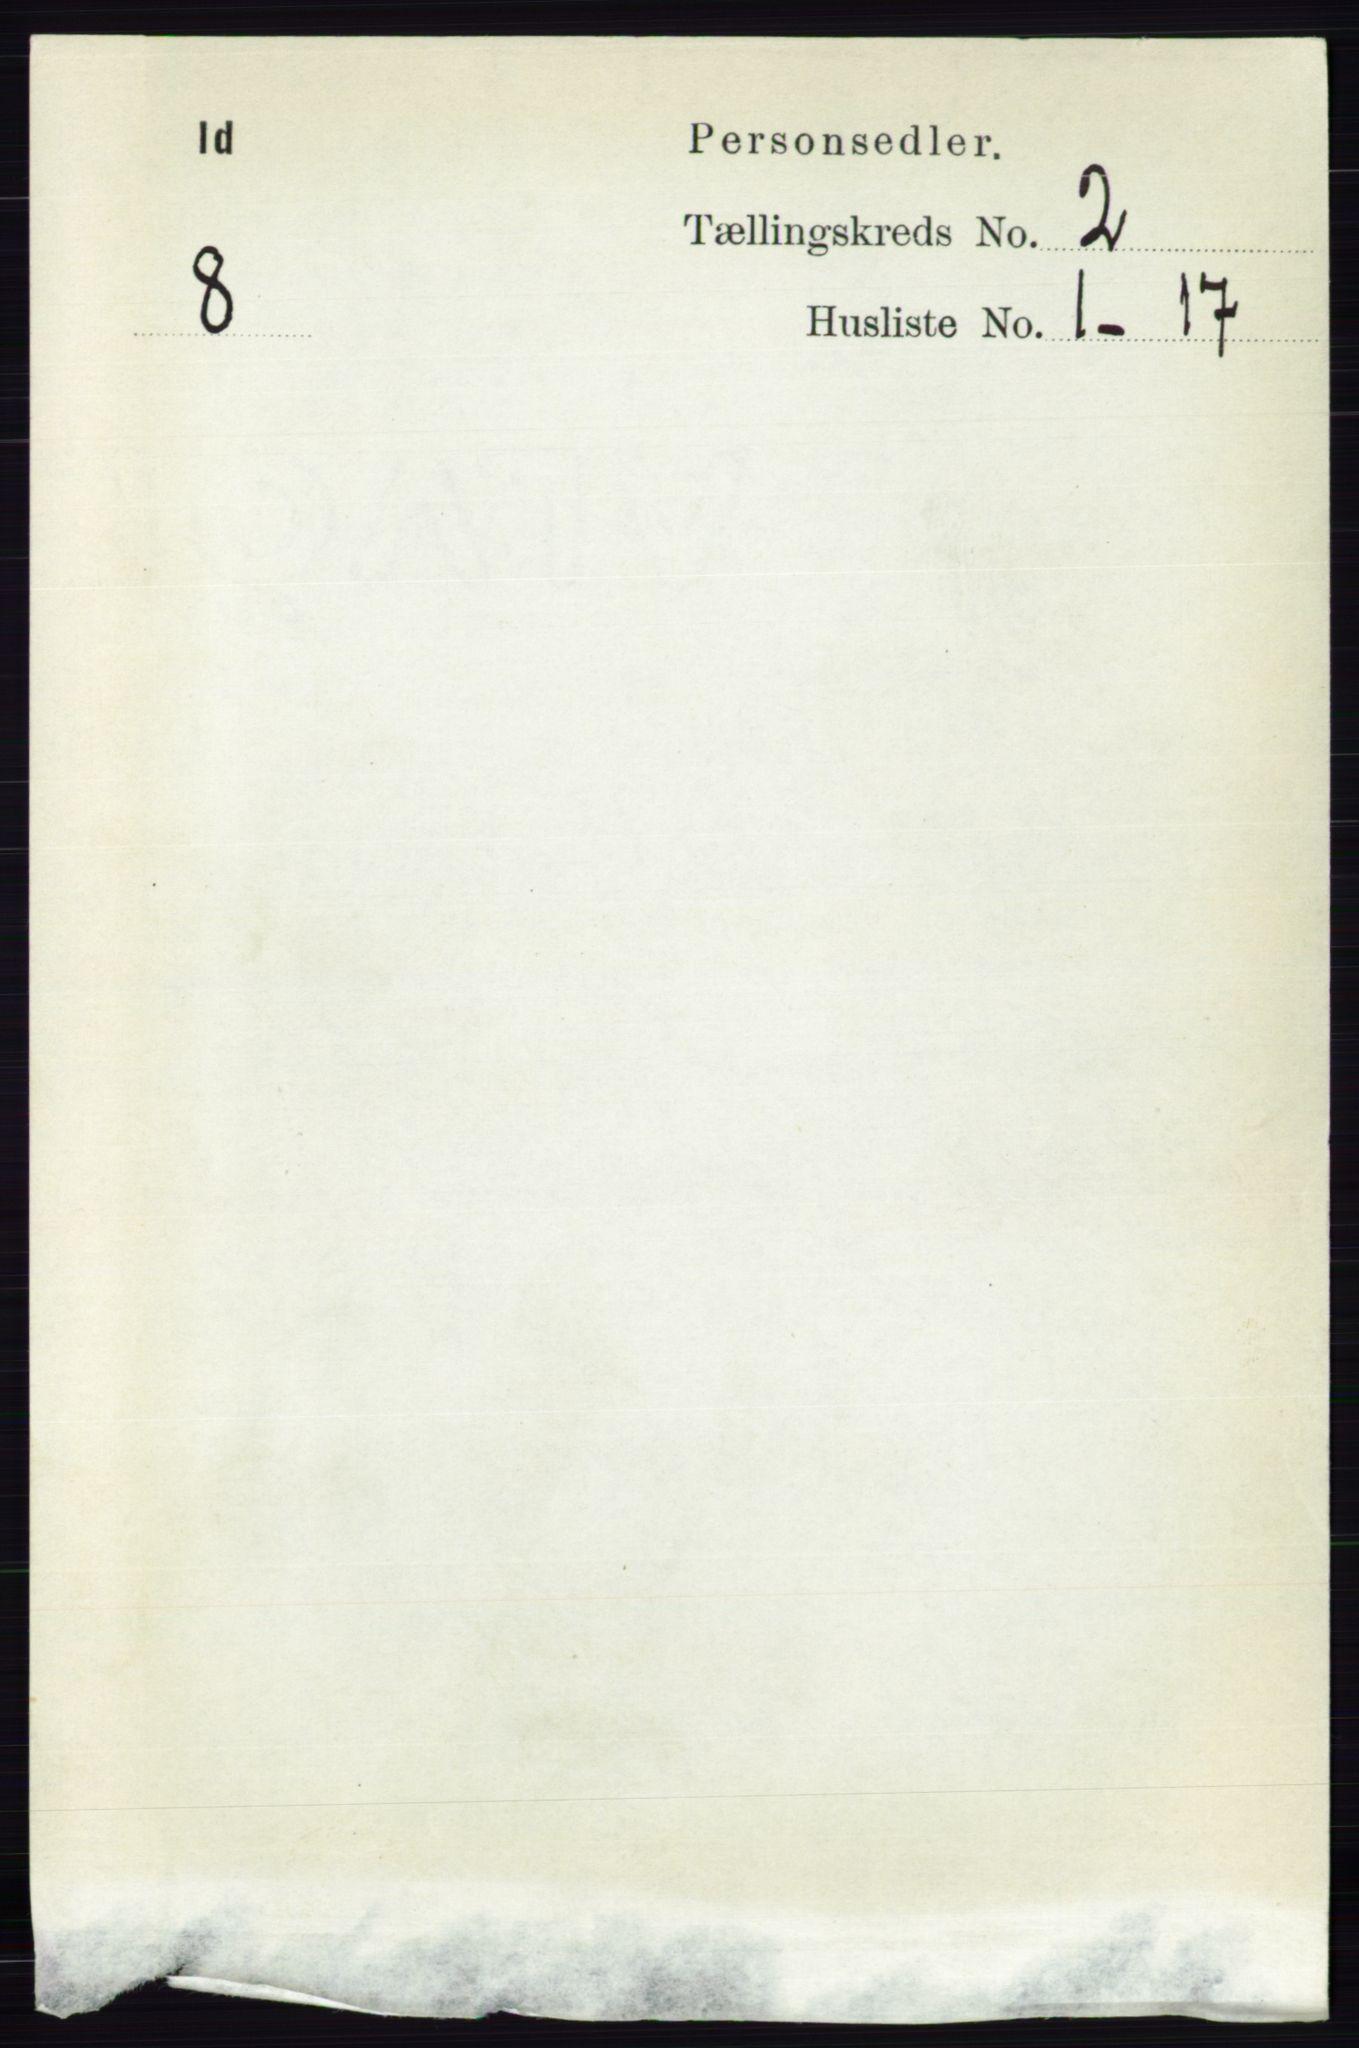 RA, Folketelling 1891 for 0117 Idd herred, 1891, s. 1179